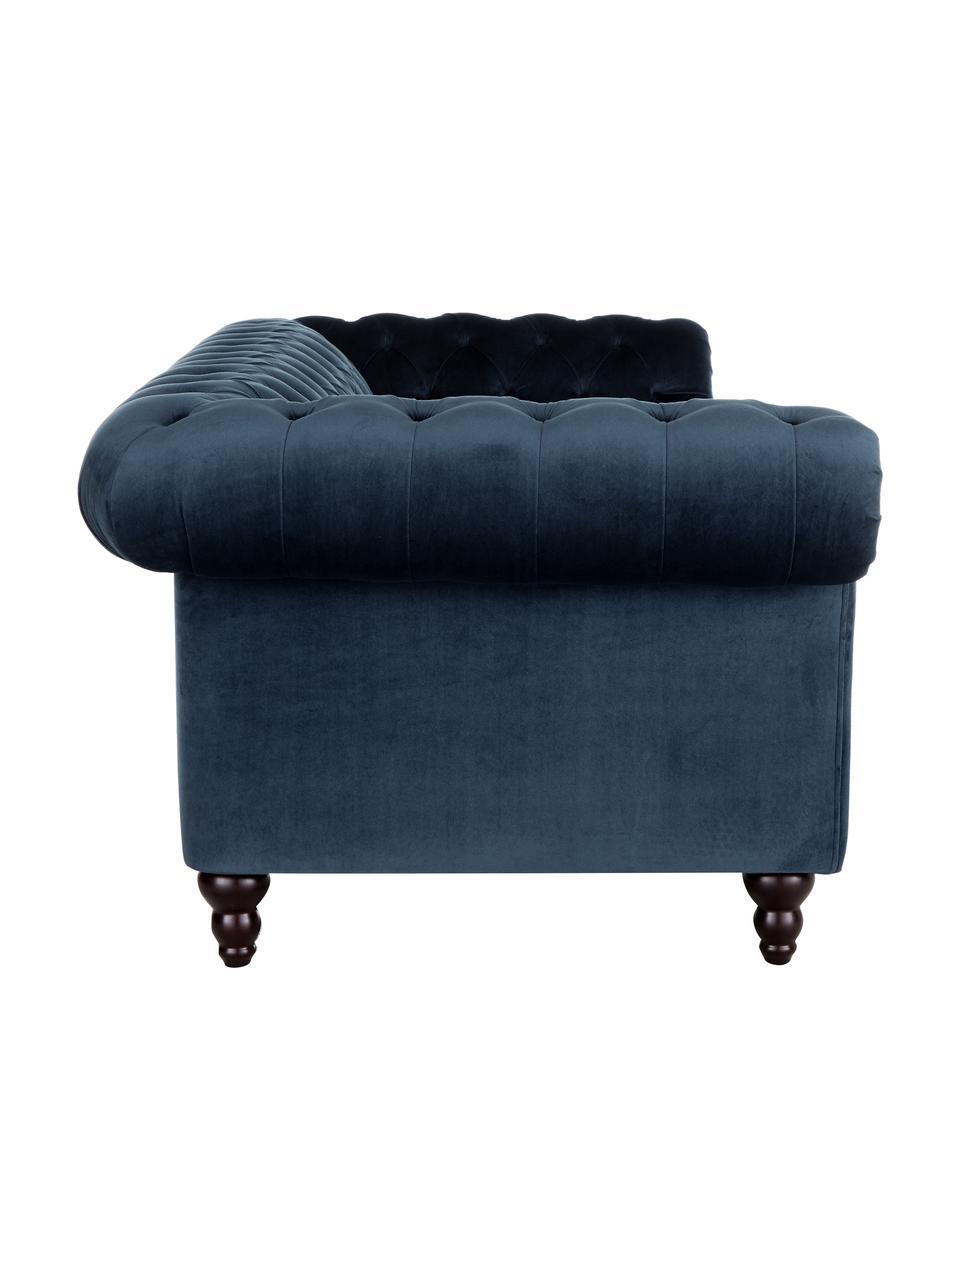 Divano chesterfield 3 posti in velluto blu scuro Gladis, Rivestimento: 100% poliestere, Piedini: legno di quercia vernicia, Struttura: base in legno, Blu scuro, Larg. 230 x Alt. 74 cm